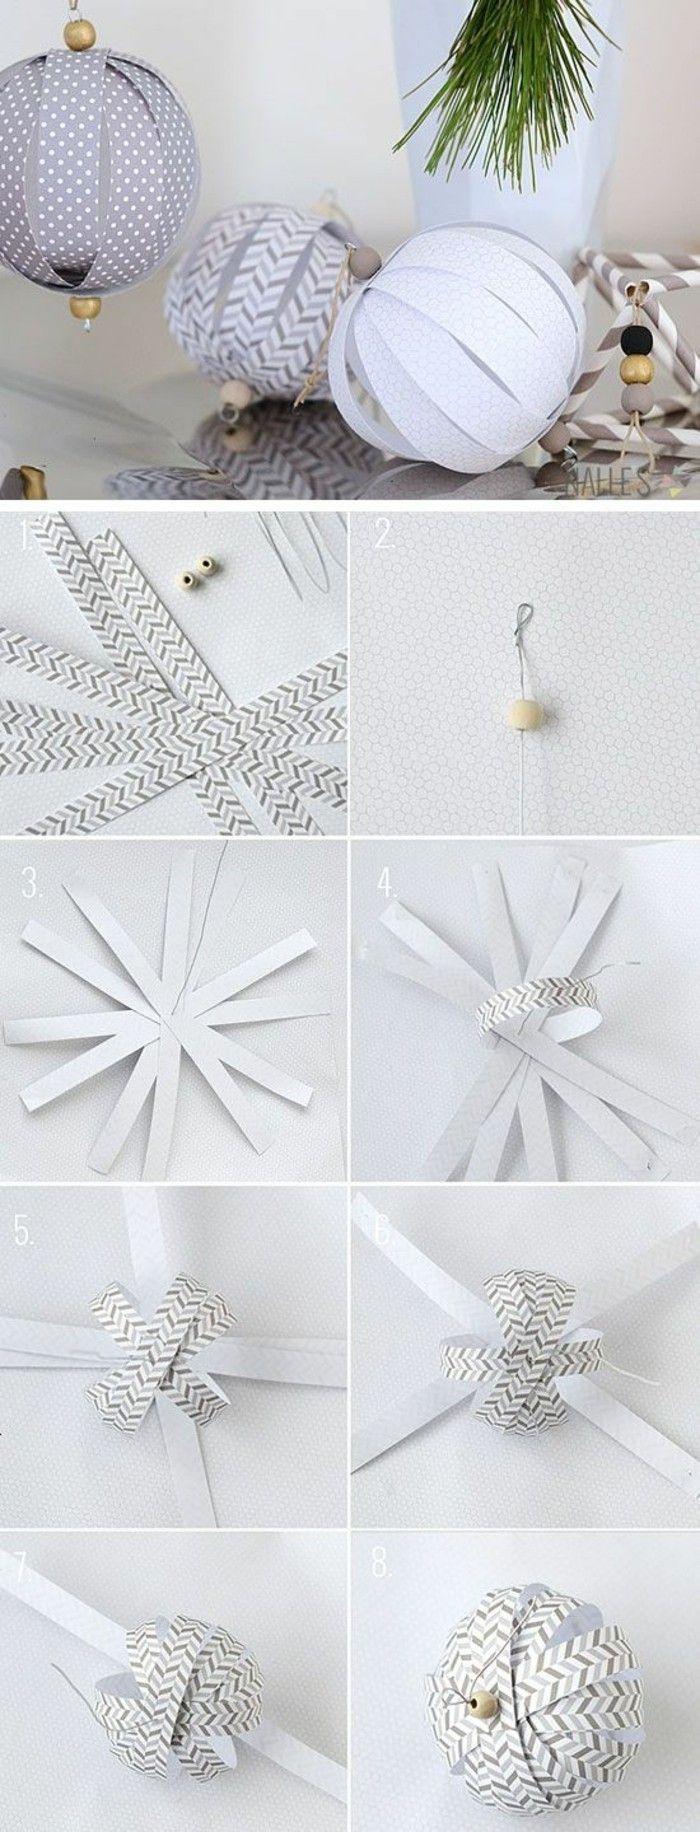 die besten 25 papier basteln ideen auf pinterest. Black Bedroom Furniture Sets. Home Design Ideas